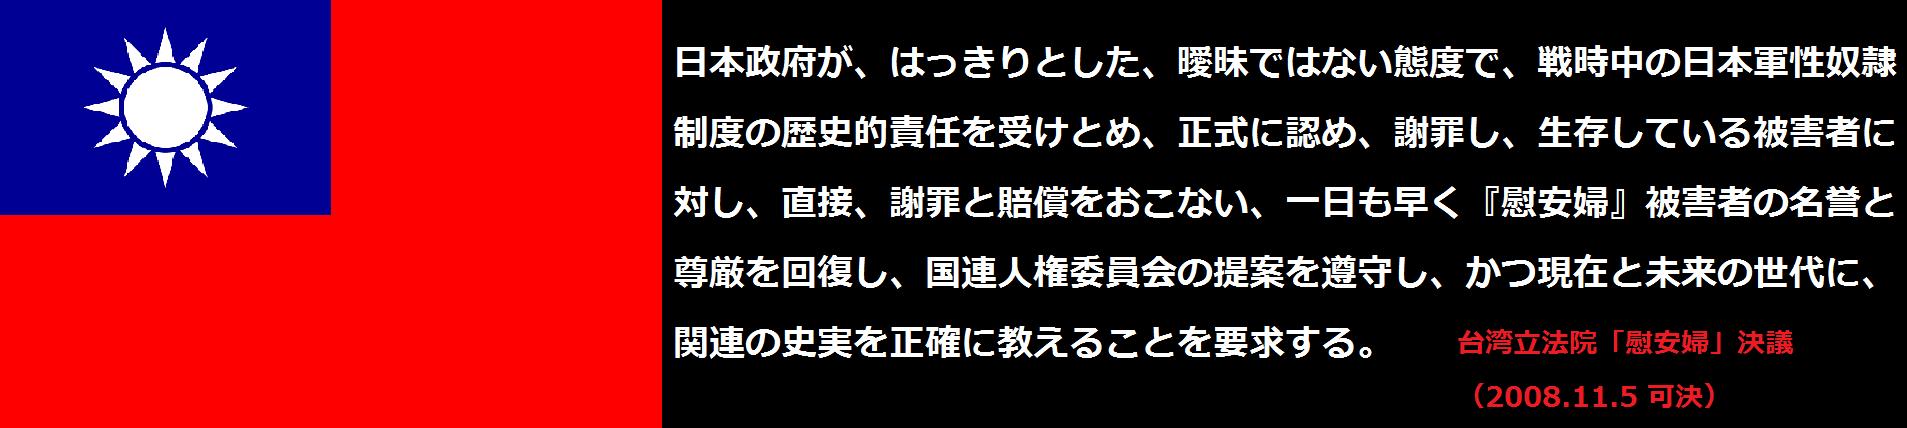 f:id:JAPbuster:20170107180629p:plain